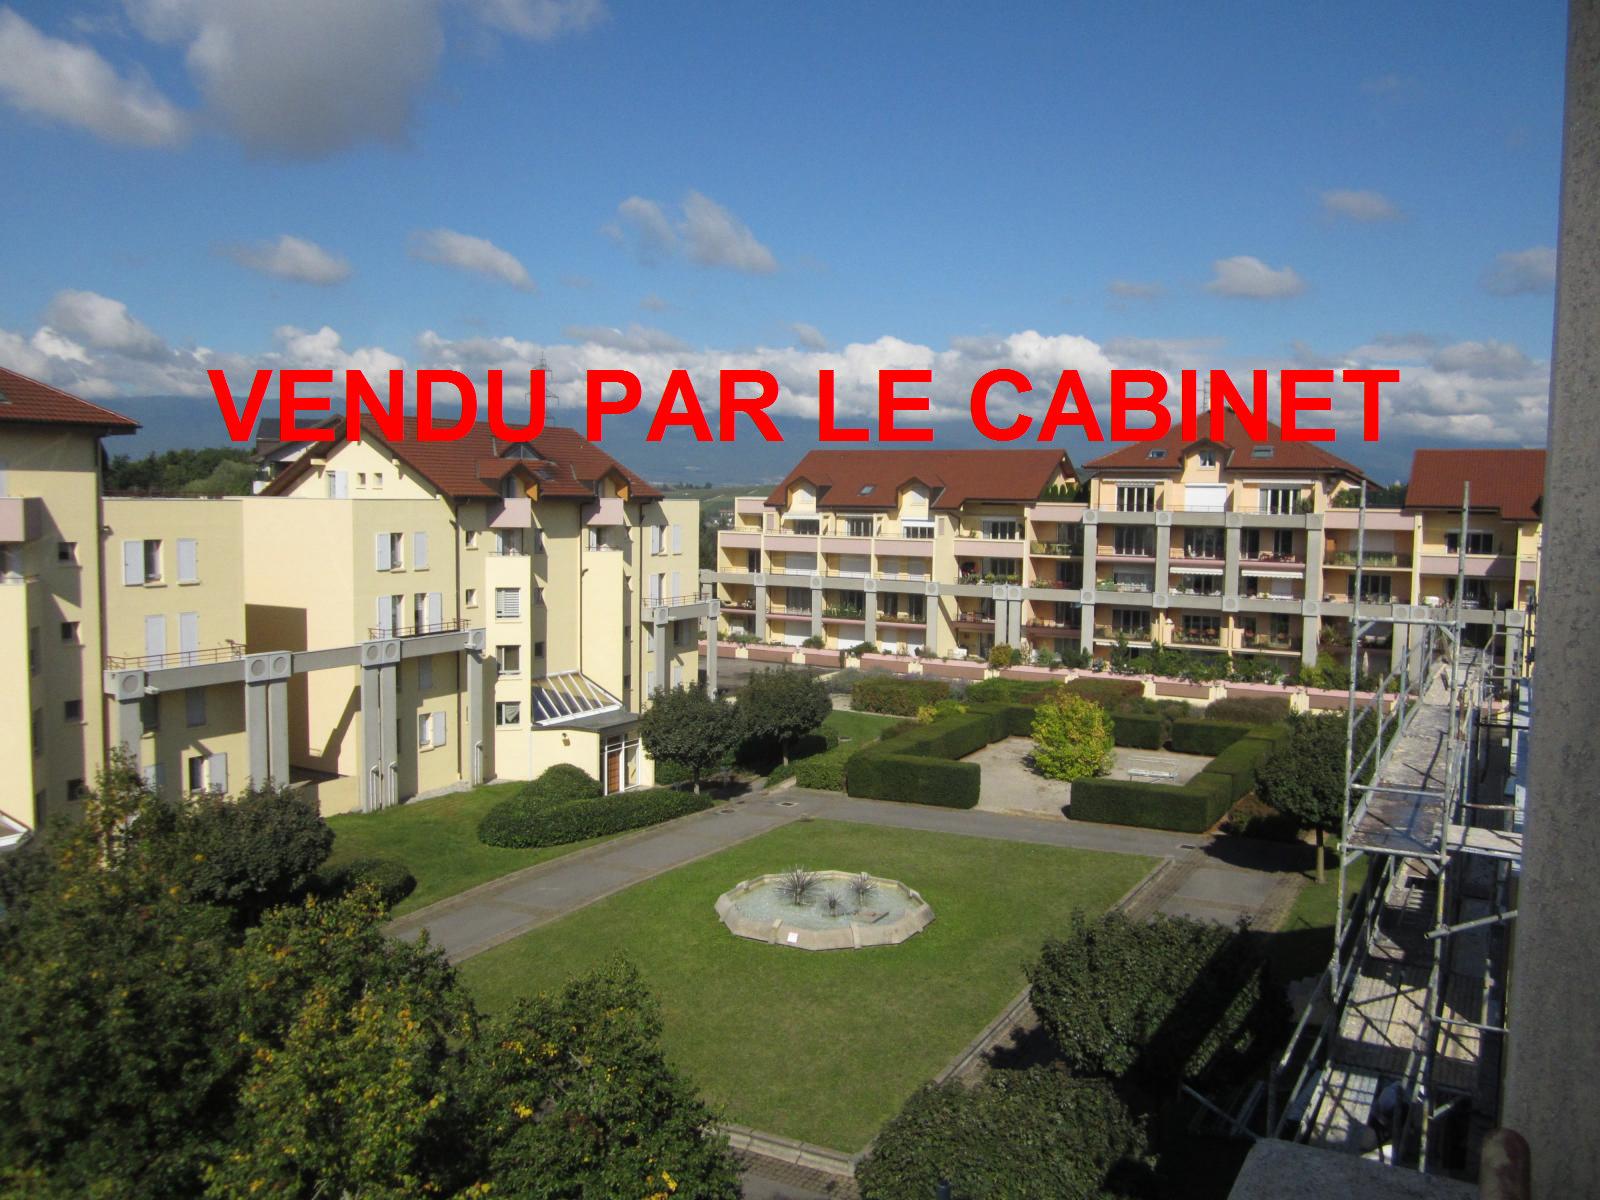 EXCLUSIVITE St Julien-en-Genevois résidence Cyclades II, appartement T4 duplex  en dernier étage avec terrasse de 50 m²...  VENDU PAR LE CABINET